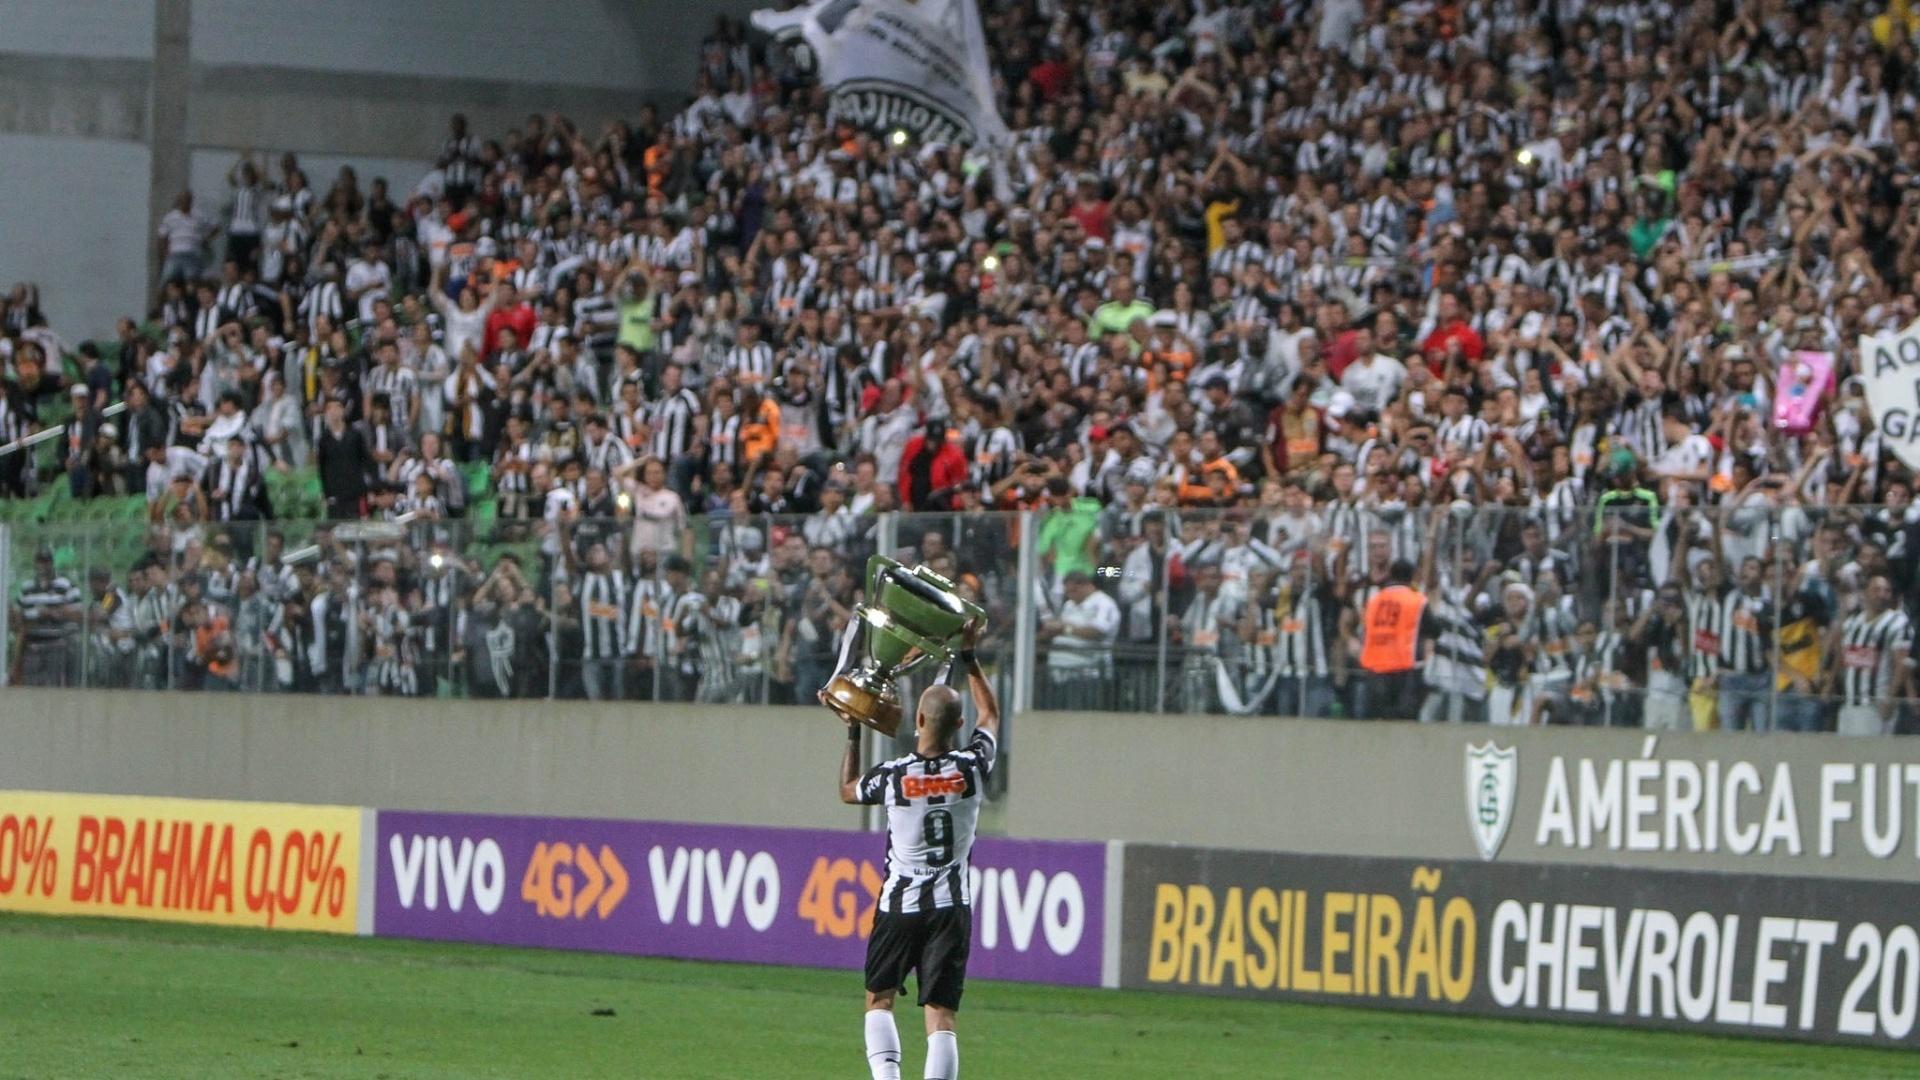 Diego Tardelli exibe troféu de campeão da Copa do Brasil 2014 para a torcida do Atlético-MG